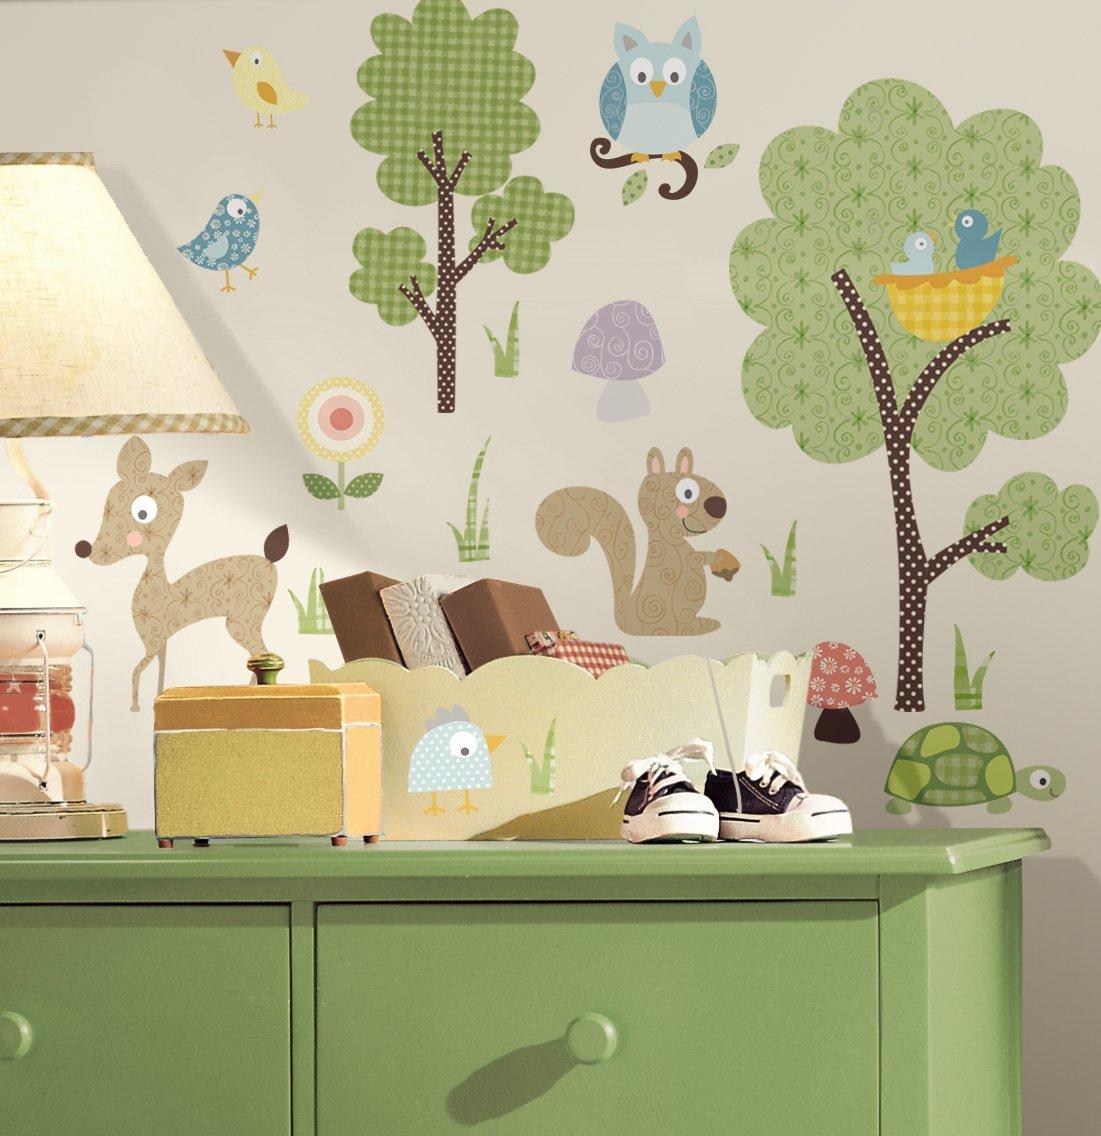 Wandsticker baby niedliche wandgestaltung f r das babyzimmer - Wandgestaltung babyzimmer ...